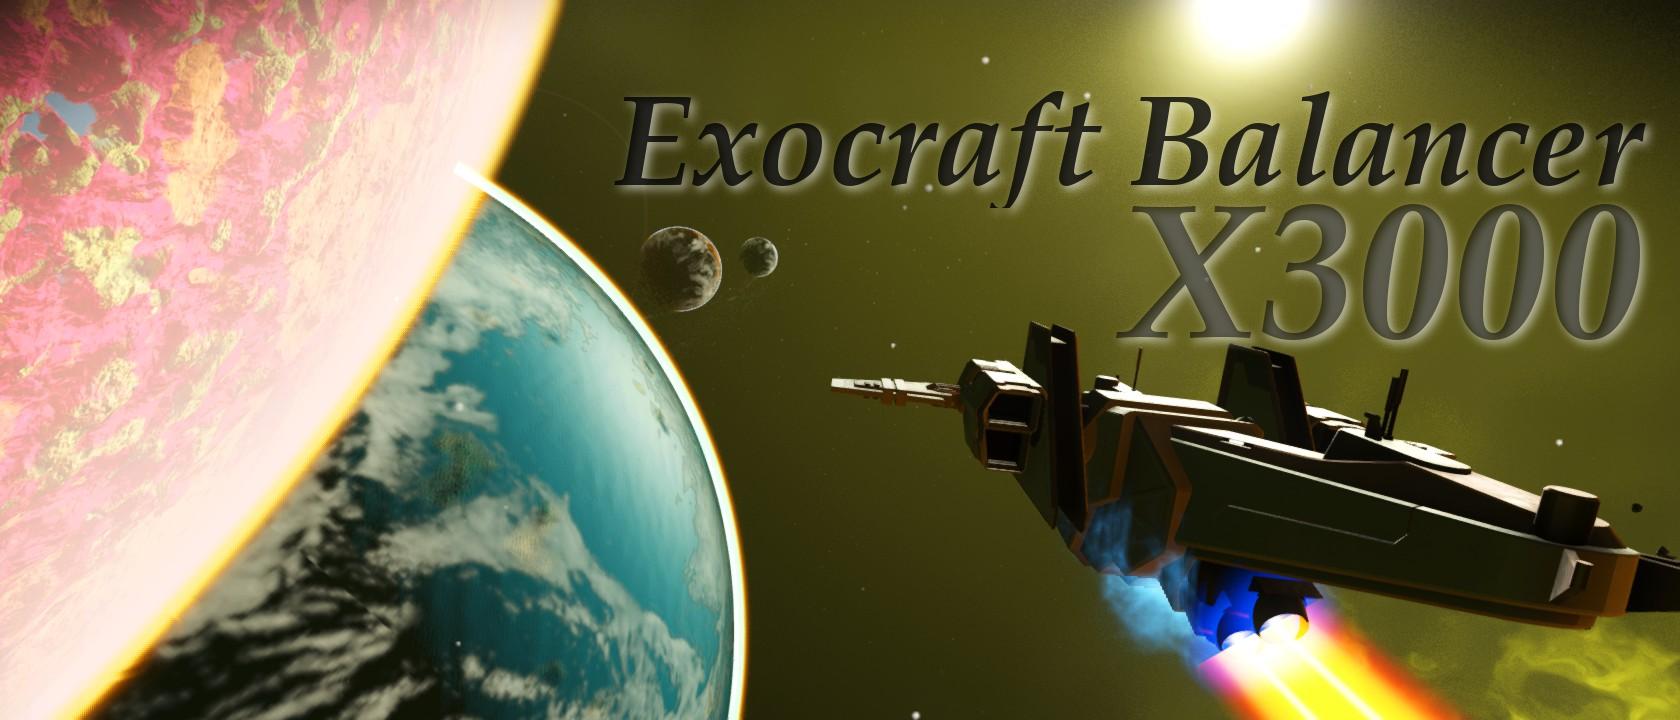 ExocraftX3000